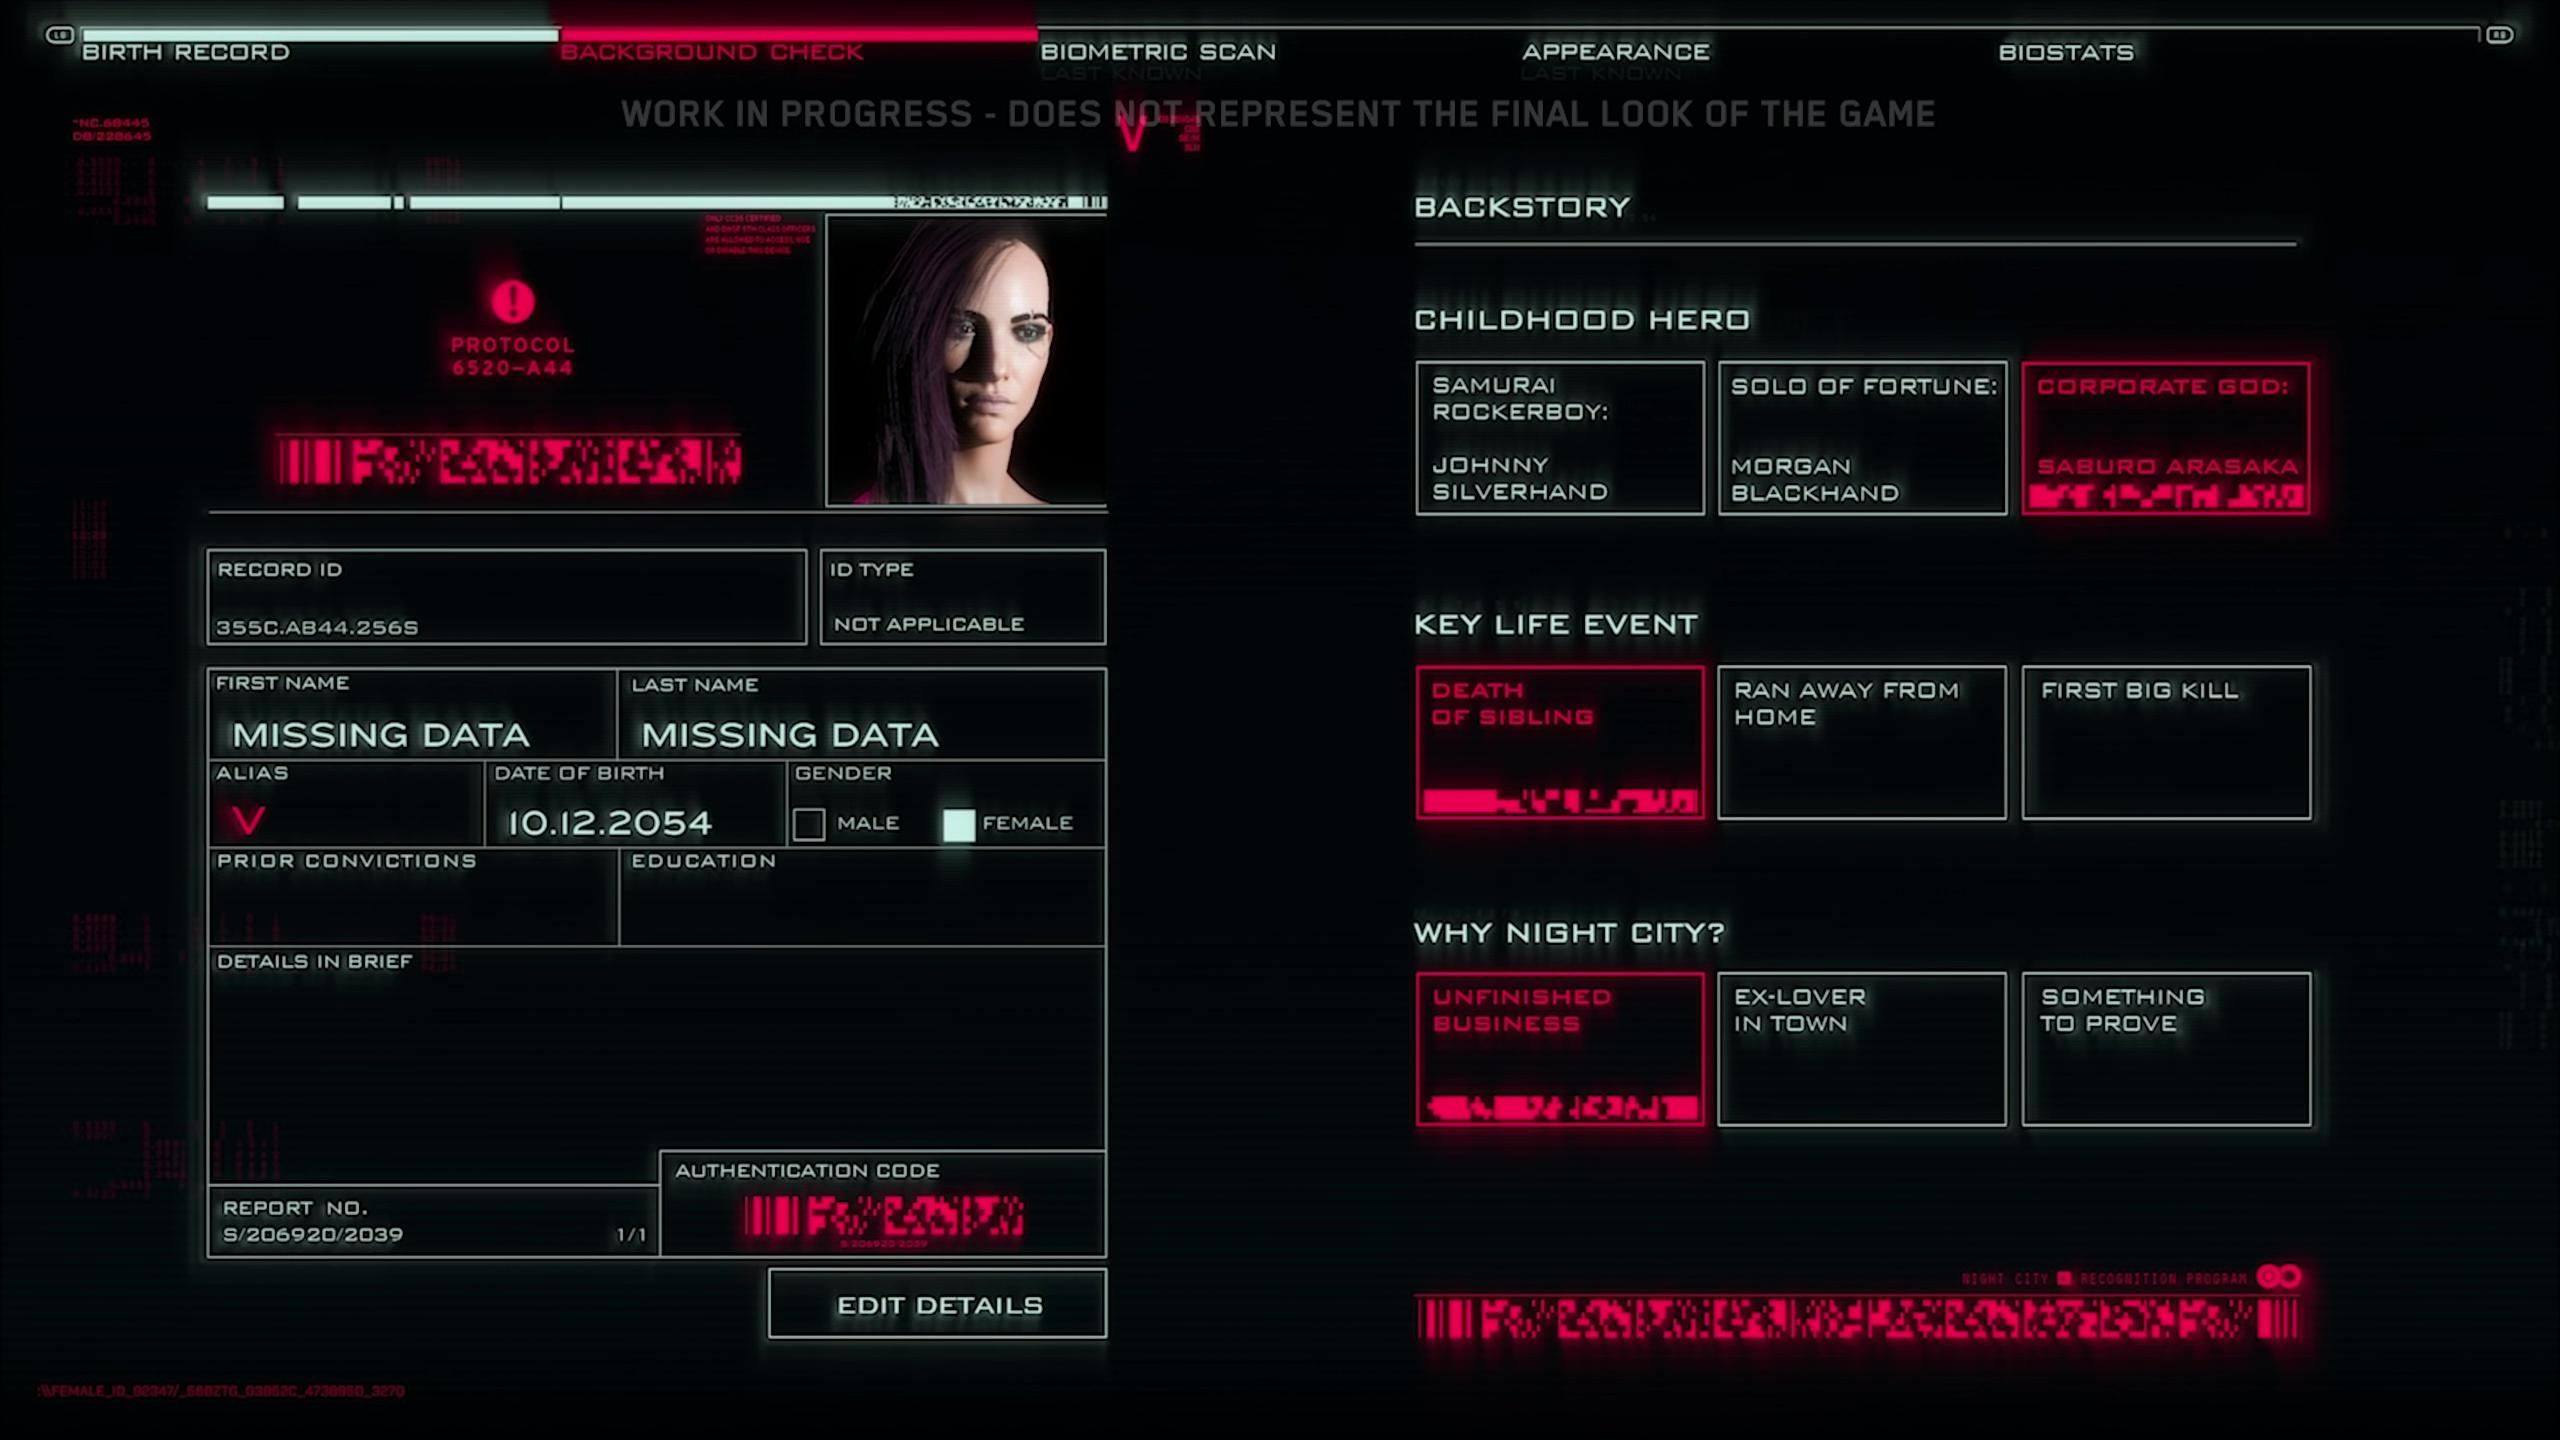 期待のサイバーパンクrpg cyberpunk 2077 の初プレイ映像では何が示